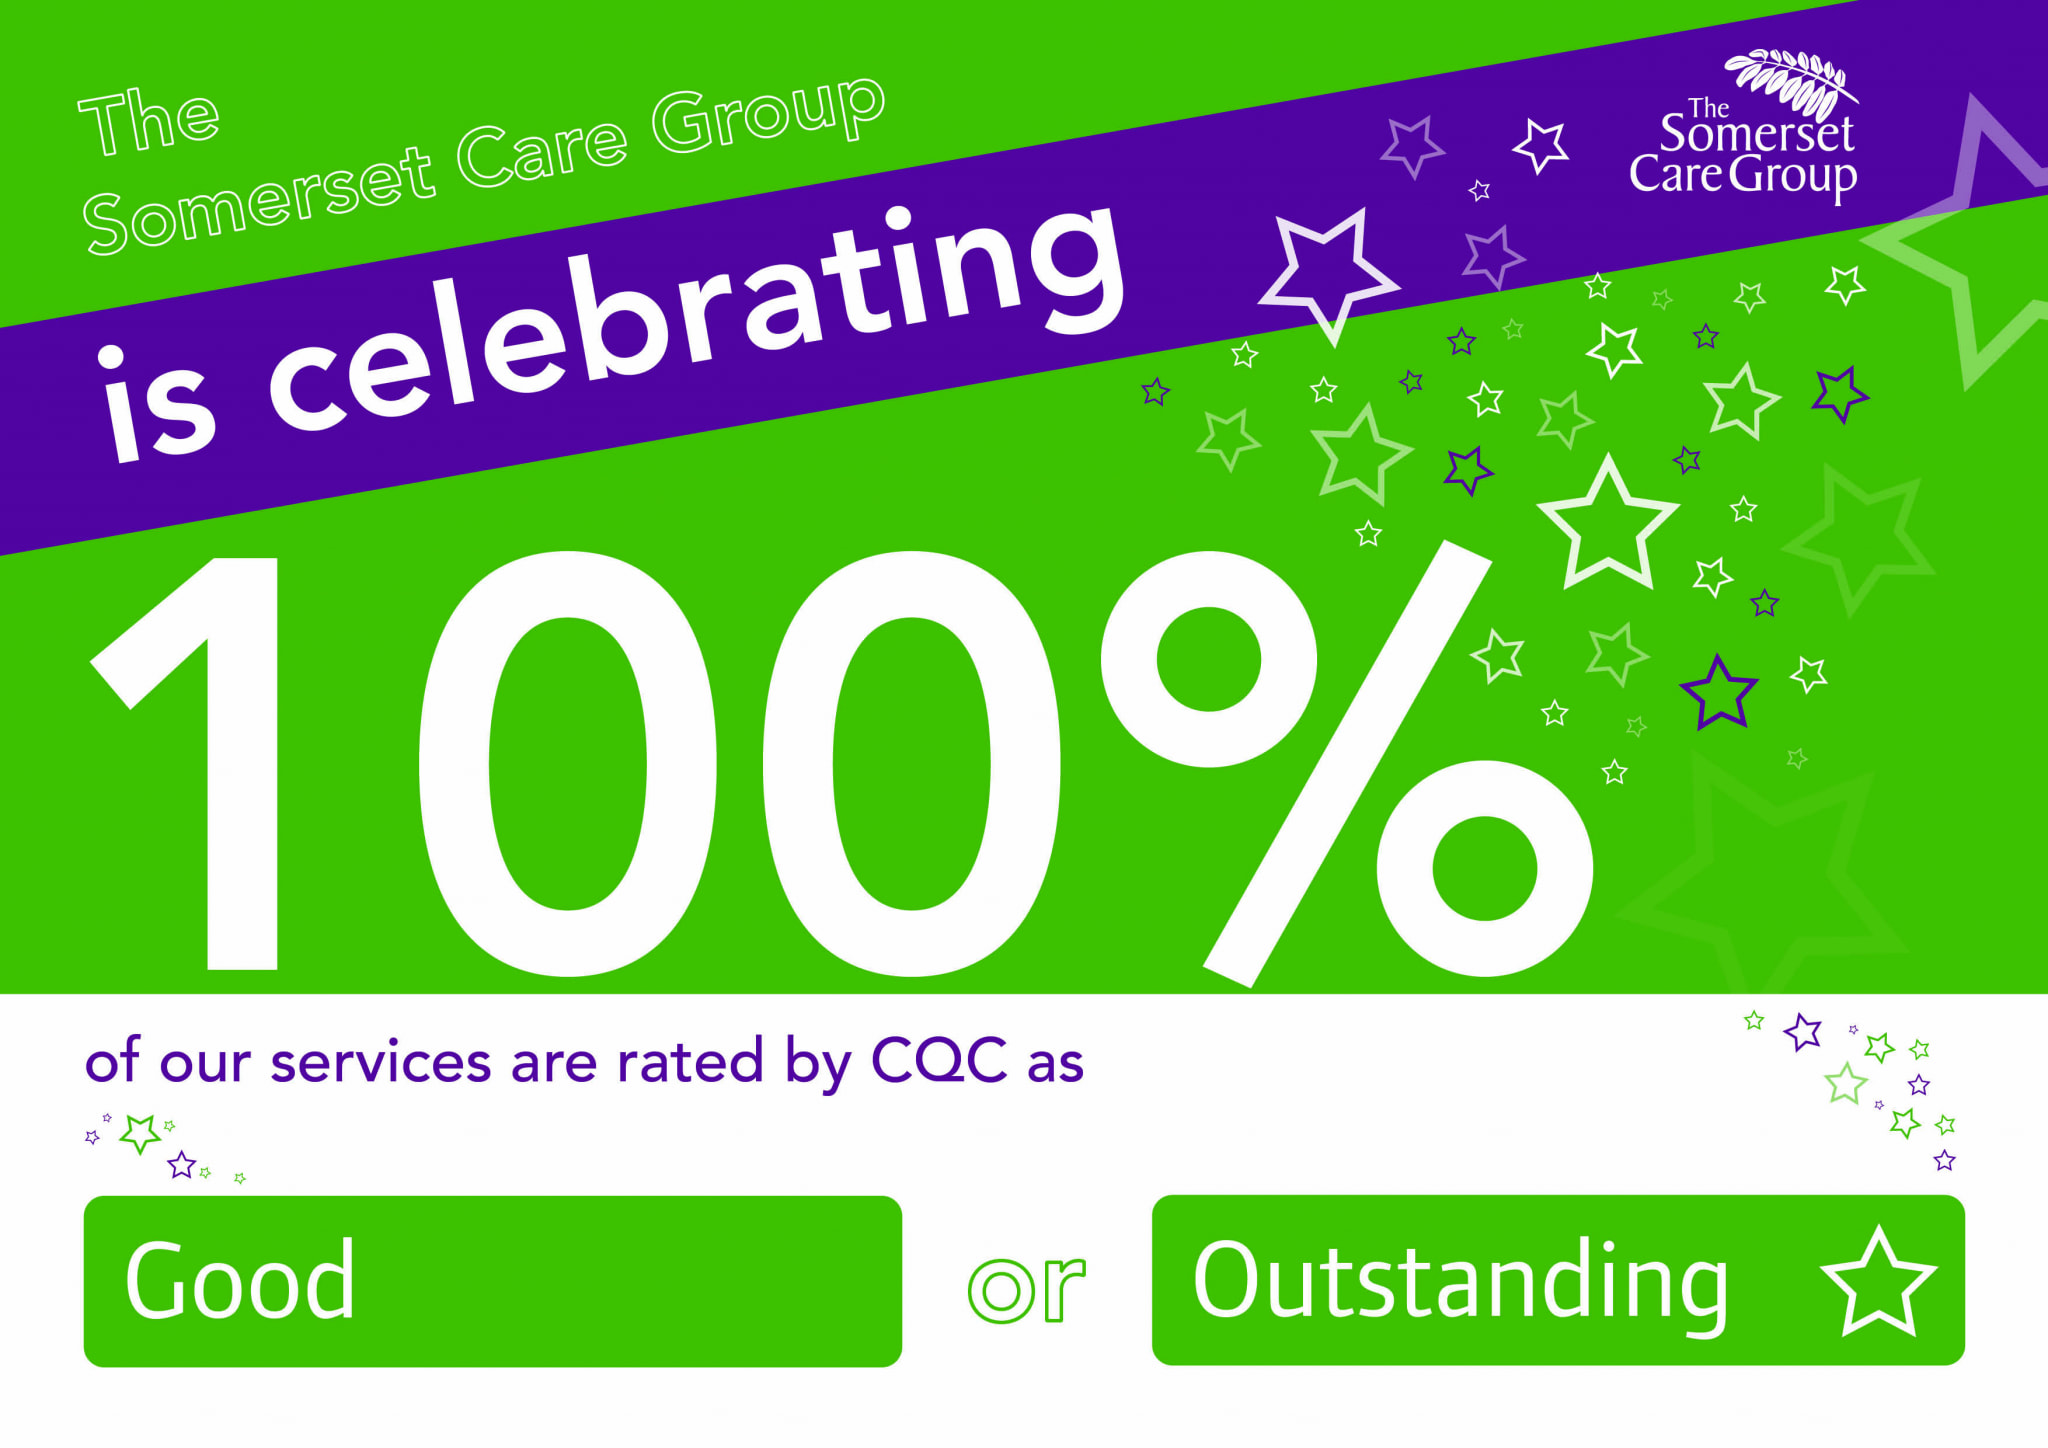 100-CQC-rating-celebration-A4-002